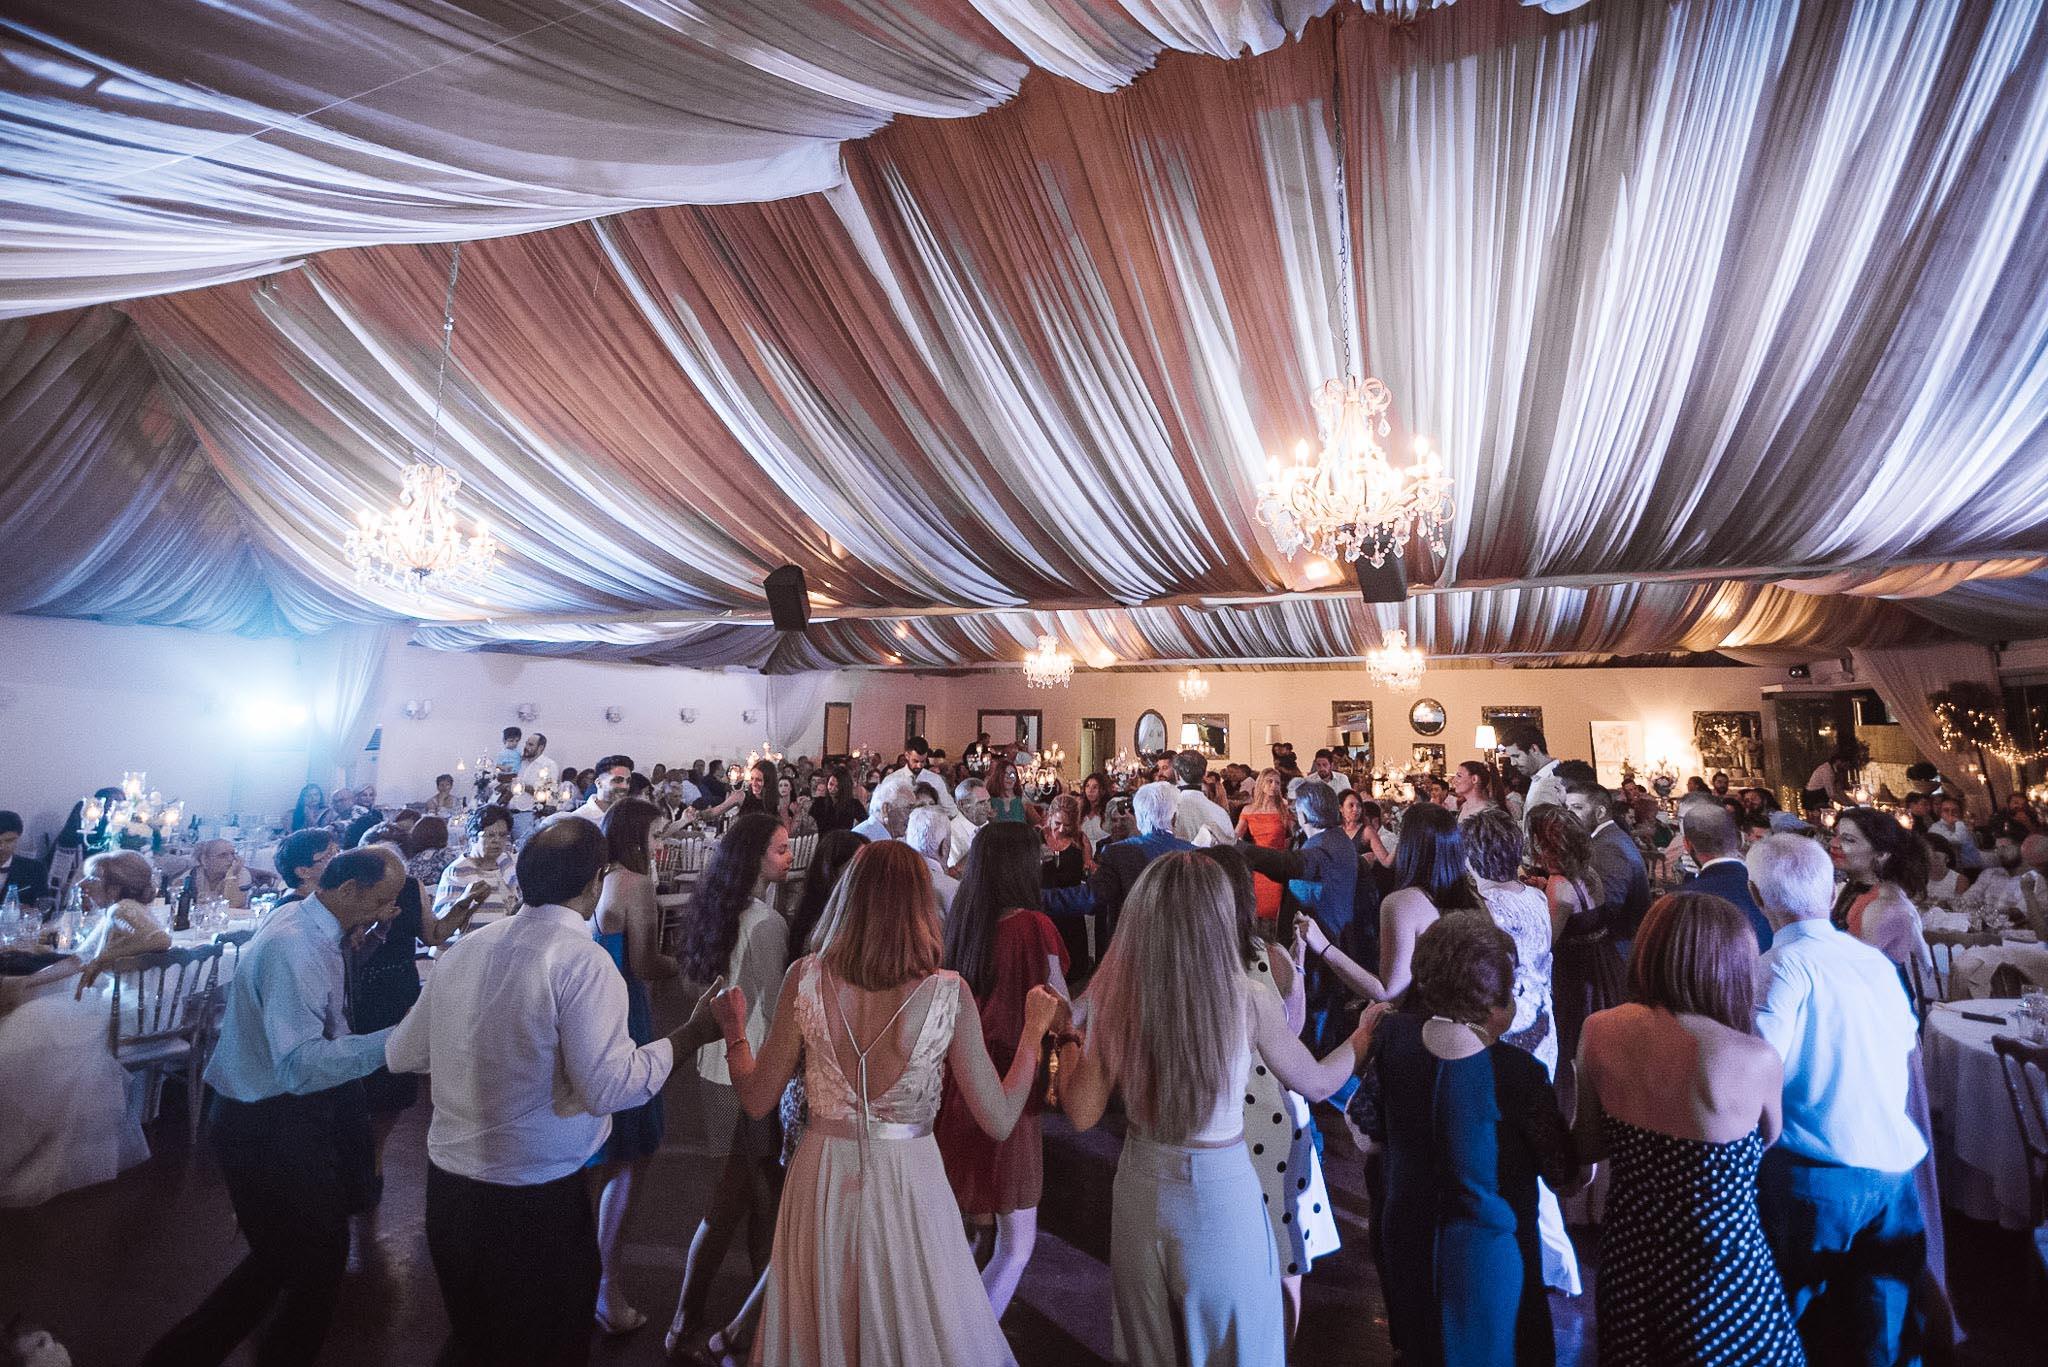 γλέντι γάμου στο κτήμα Ερωφίλη στην Βαρυμπόπη